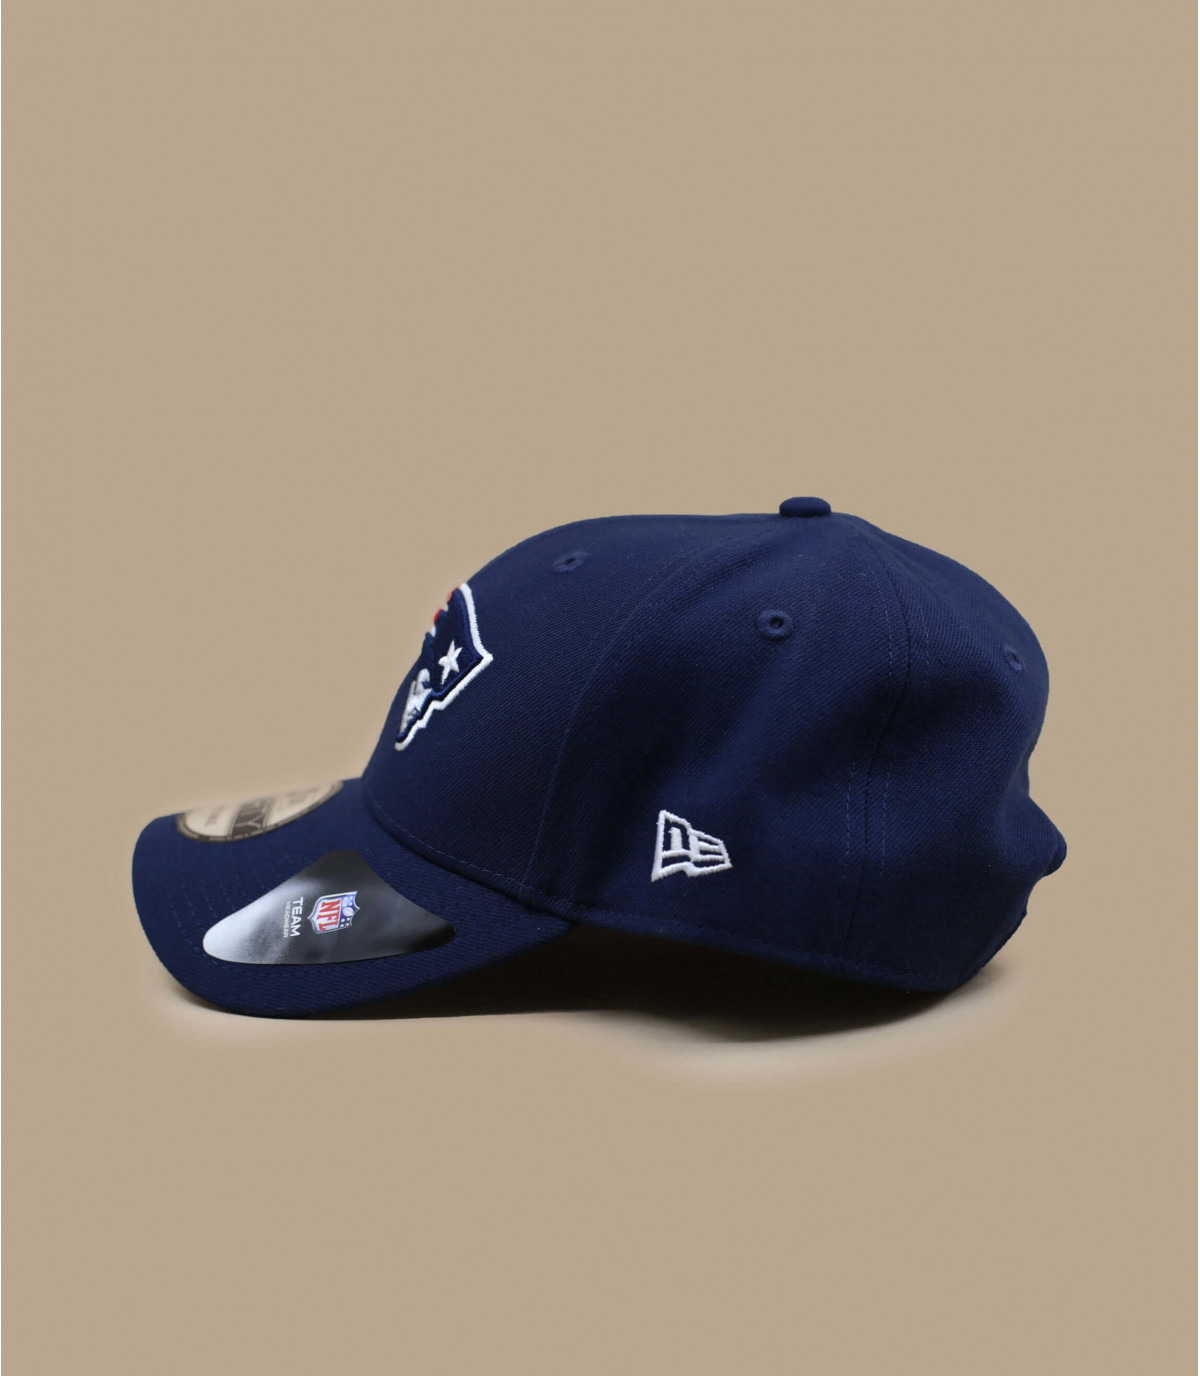 new product 85dff 1b1e5 New Era. Patriots curve cap. Détails League 9forty patriots - image 5   Détails League 9forty patriots - image ...